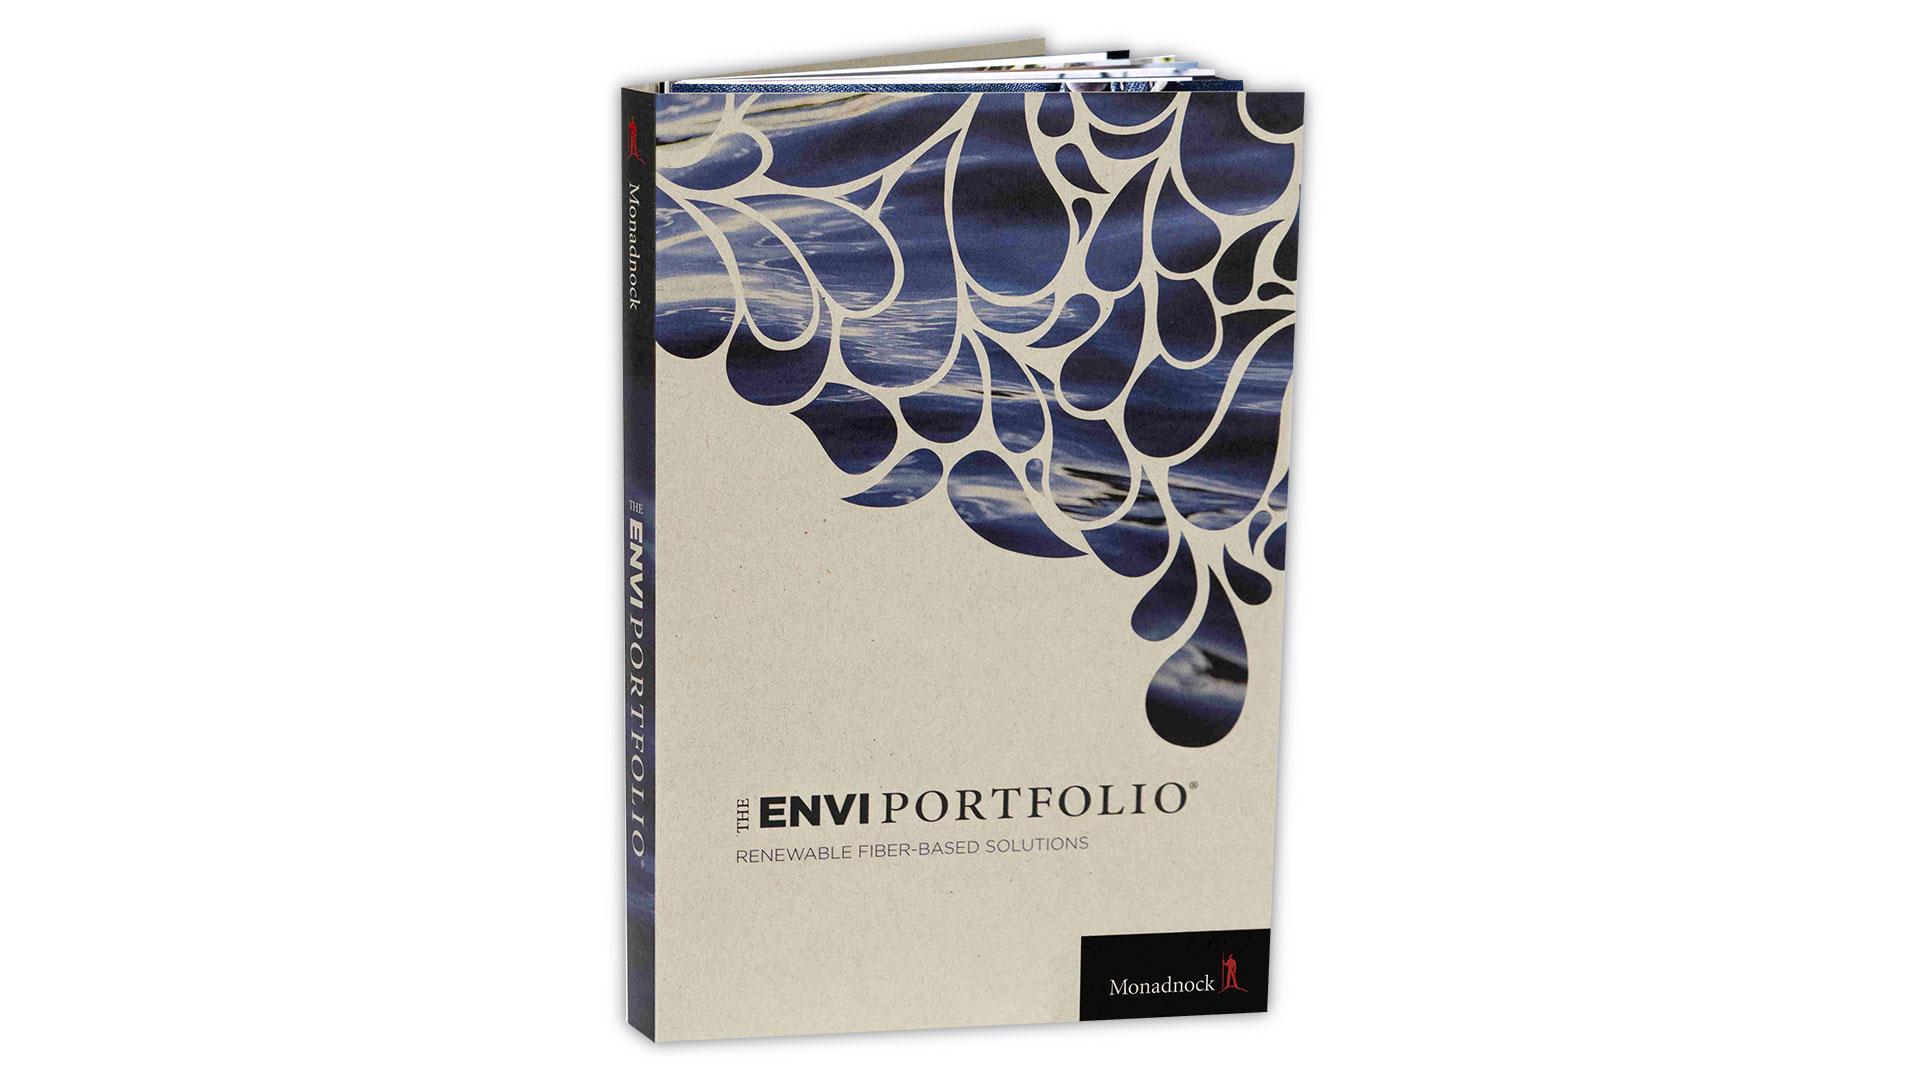 monadnock-enviportfolio-swb-4